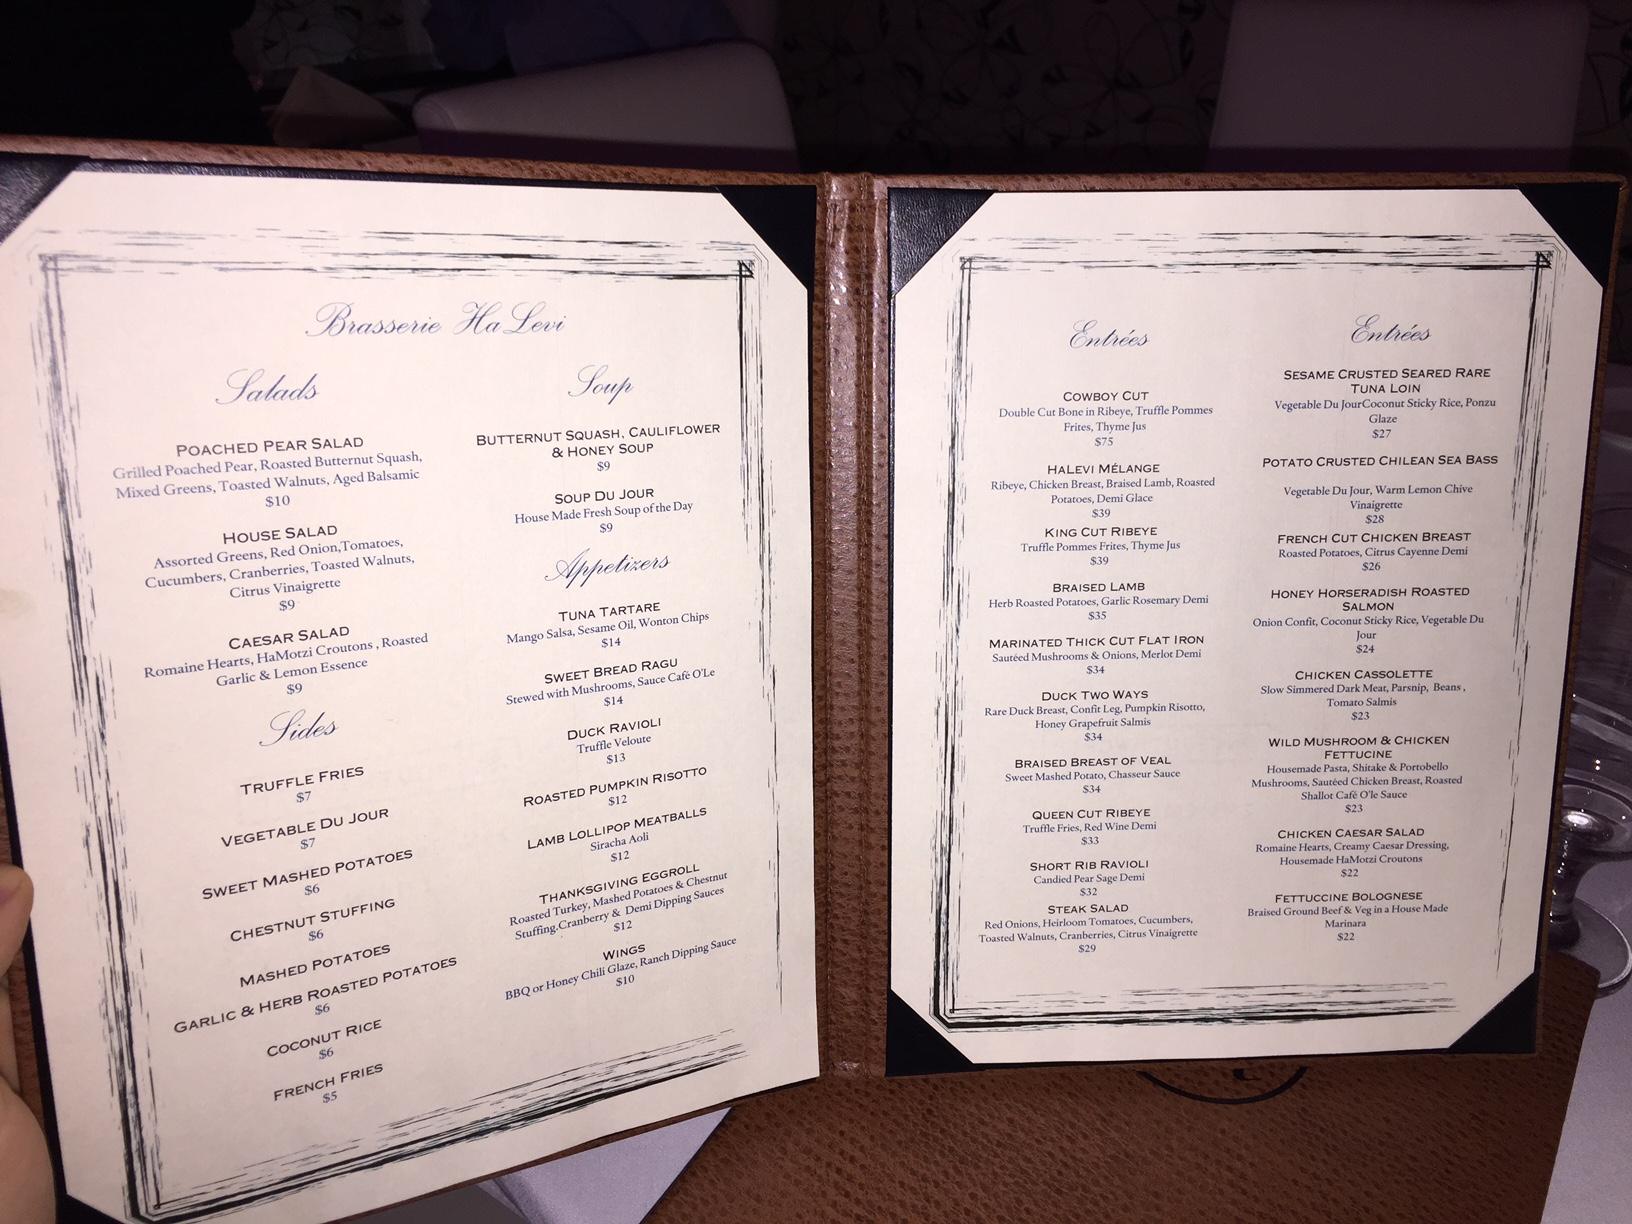 brasserie halevi, cedarhurst, ny [review] – yeahthatskosher – kosher